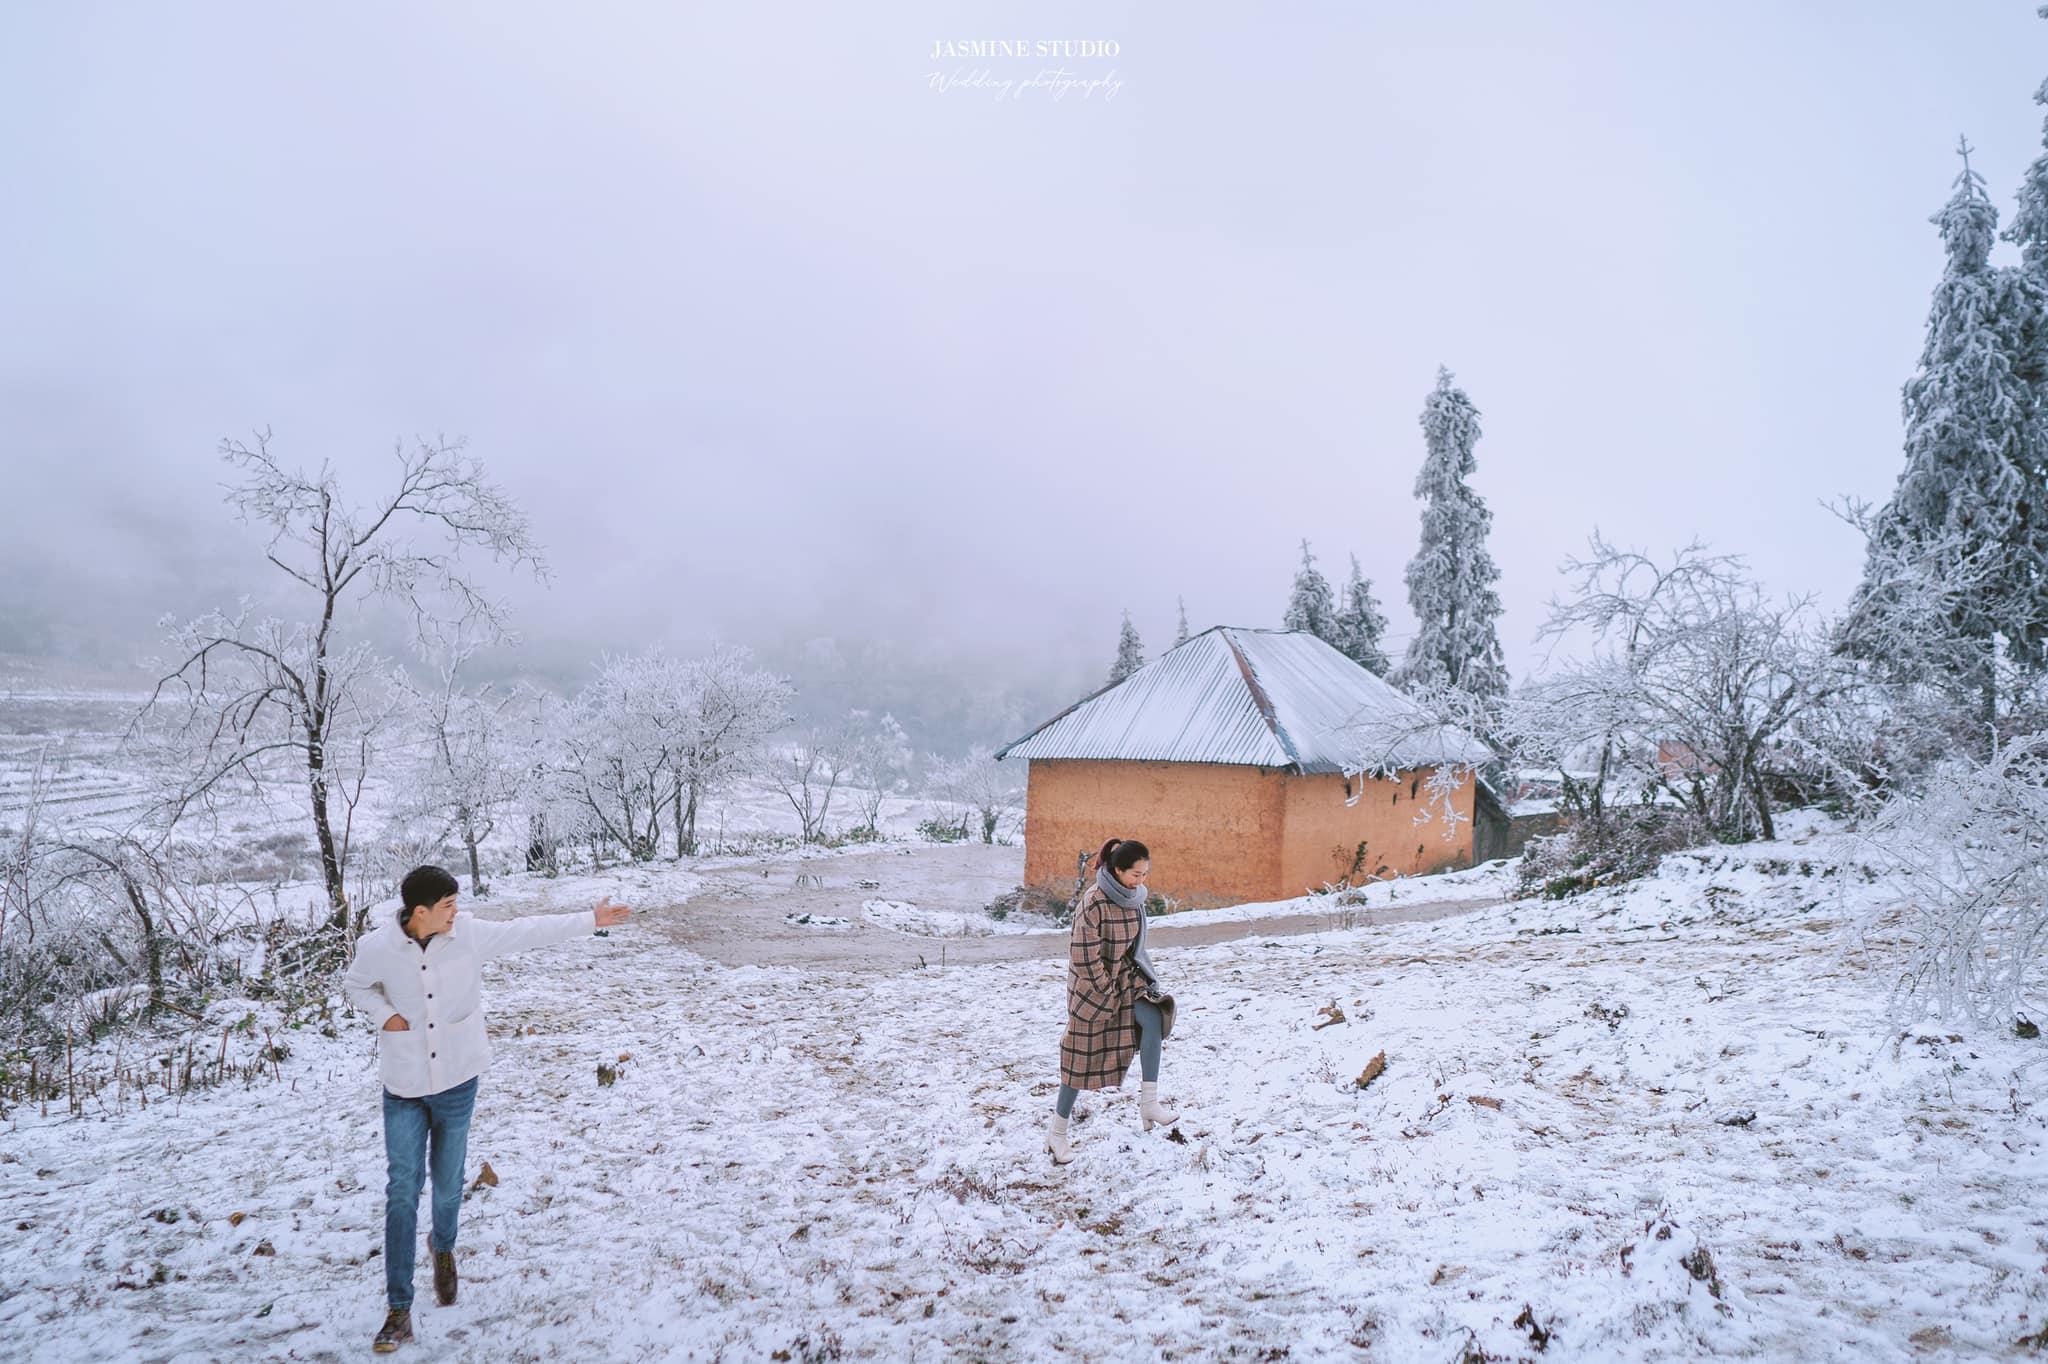 Một Y Tý đại ngàn chúng ta cùng nhau lưu lại ký ức tươi đẹp - Nguồn ảnh: Lương Hồng Phong